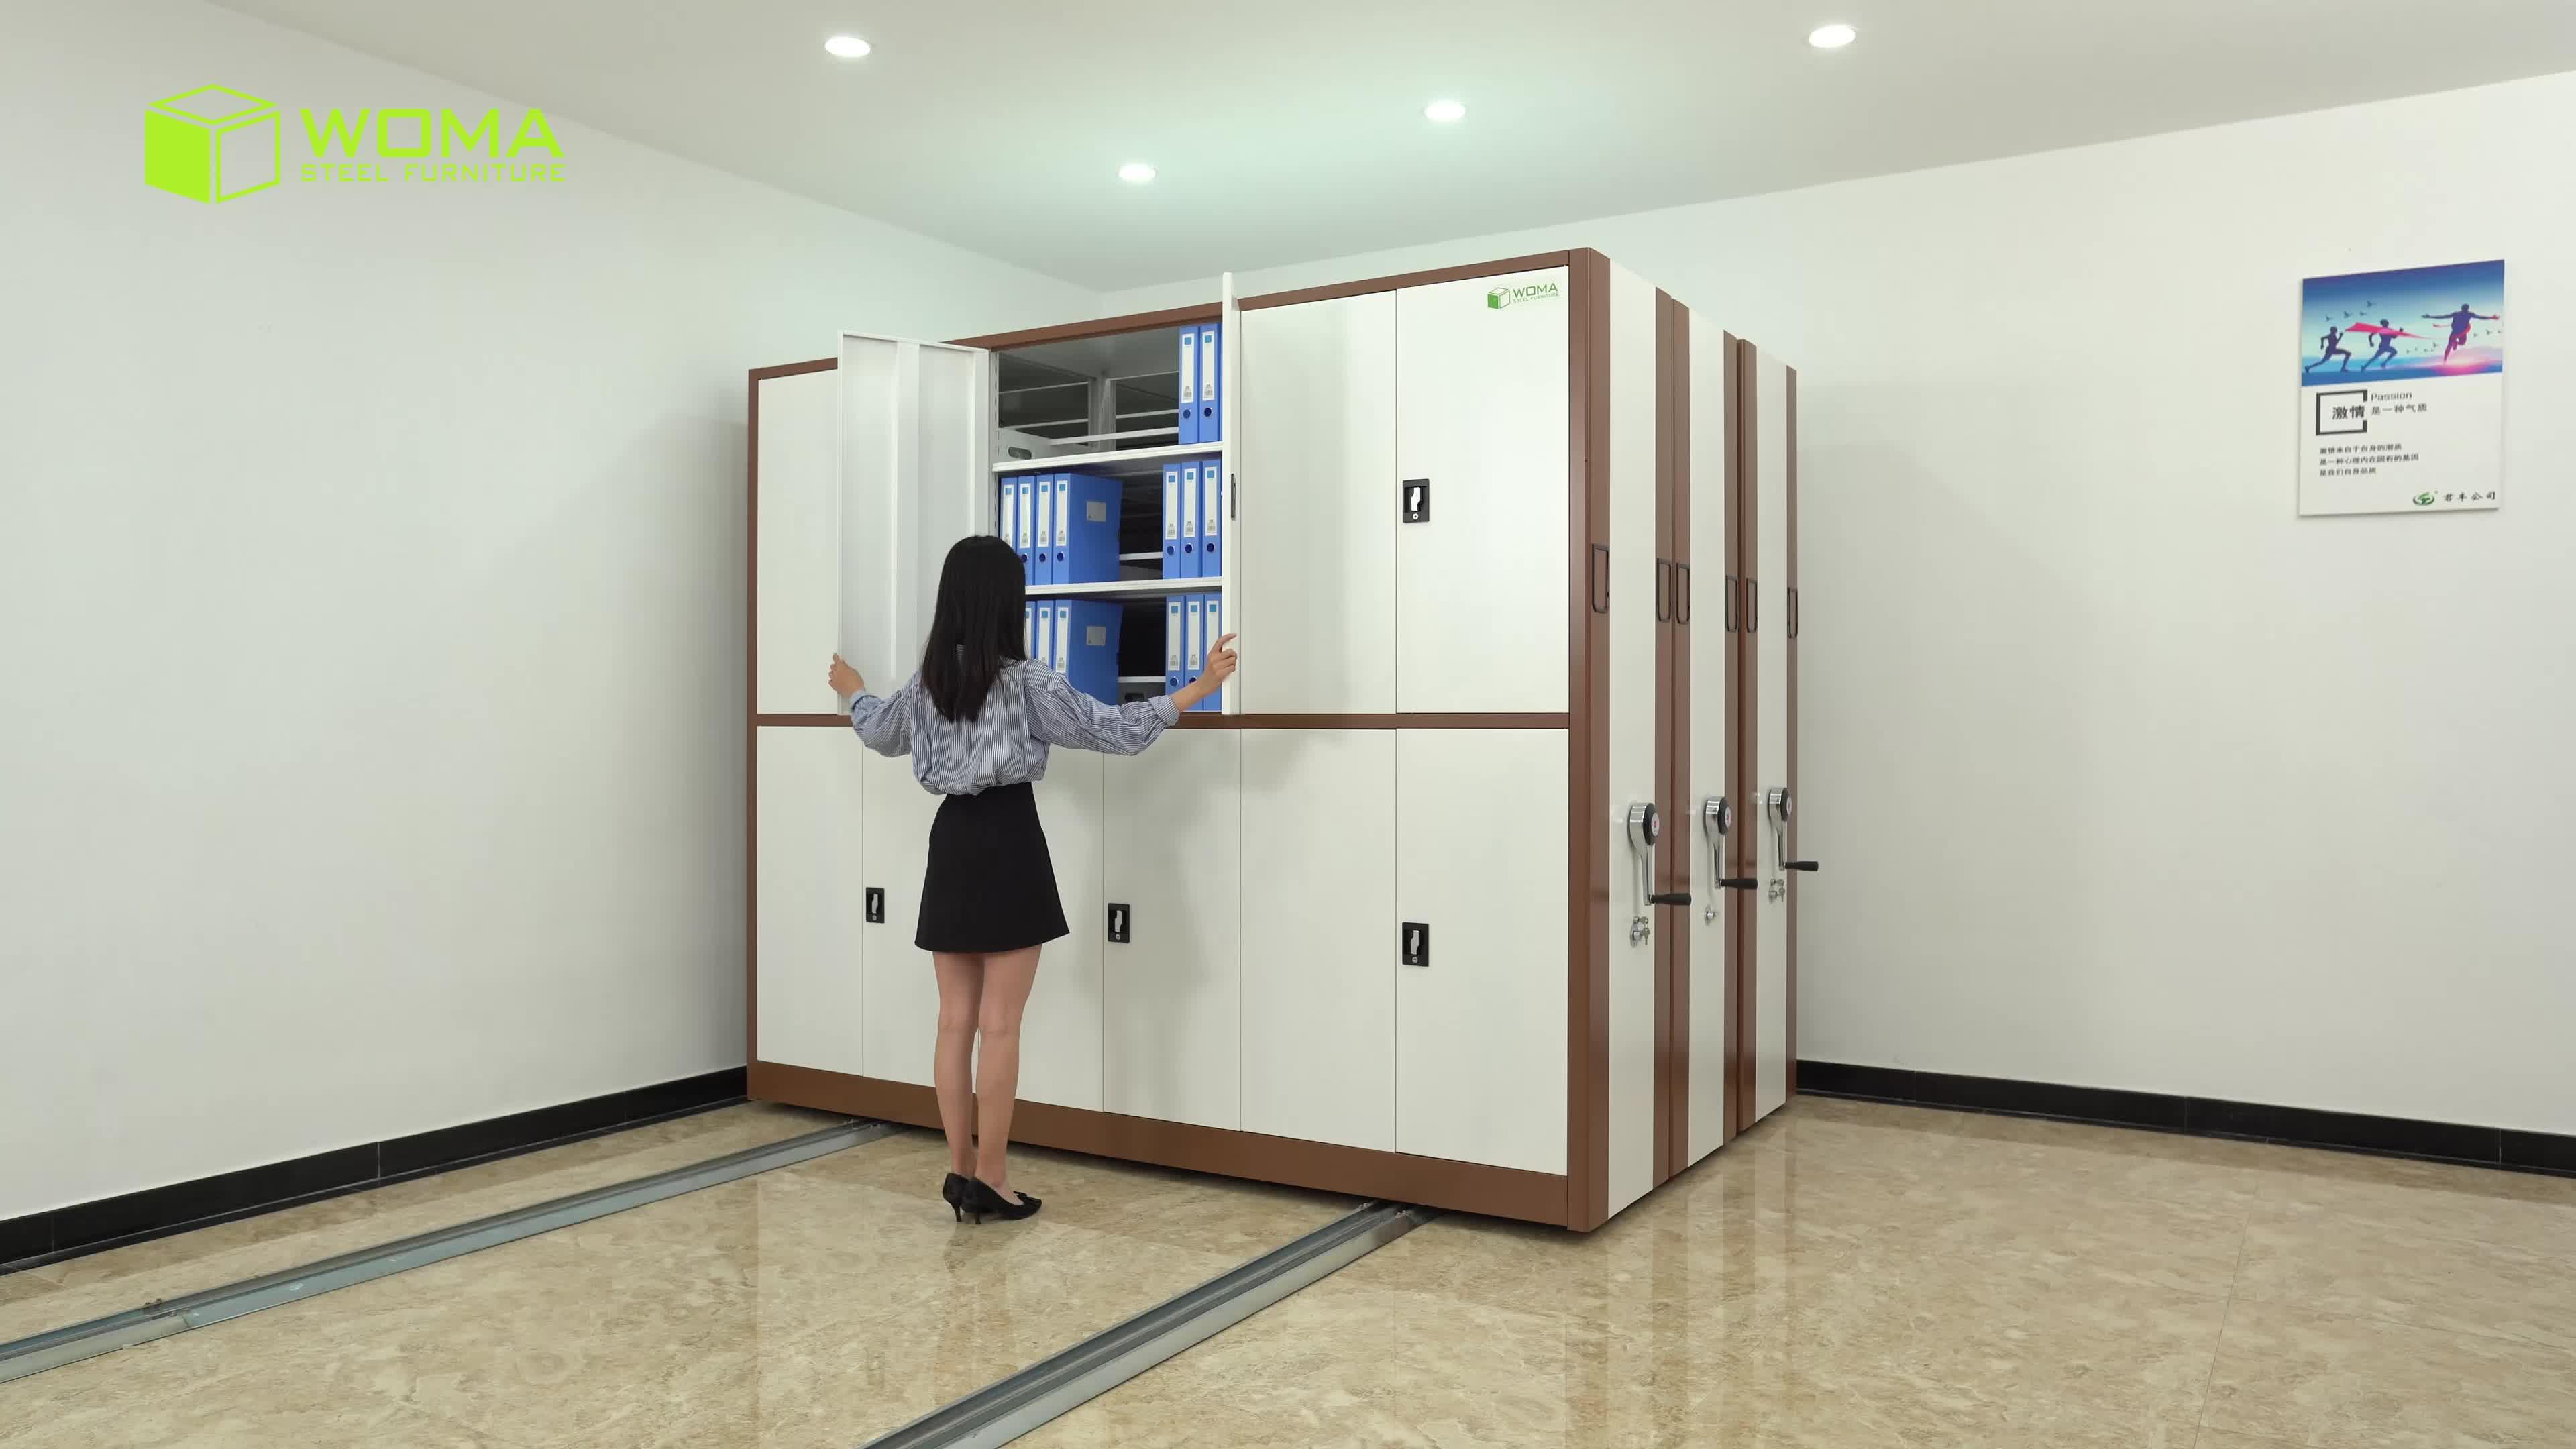 近代的なオフィスアーカイブ収納キャビネット Mobile はファイルコンパクト棚システム